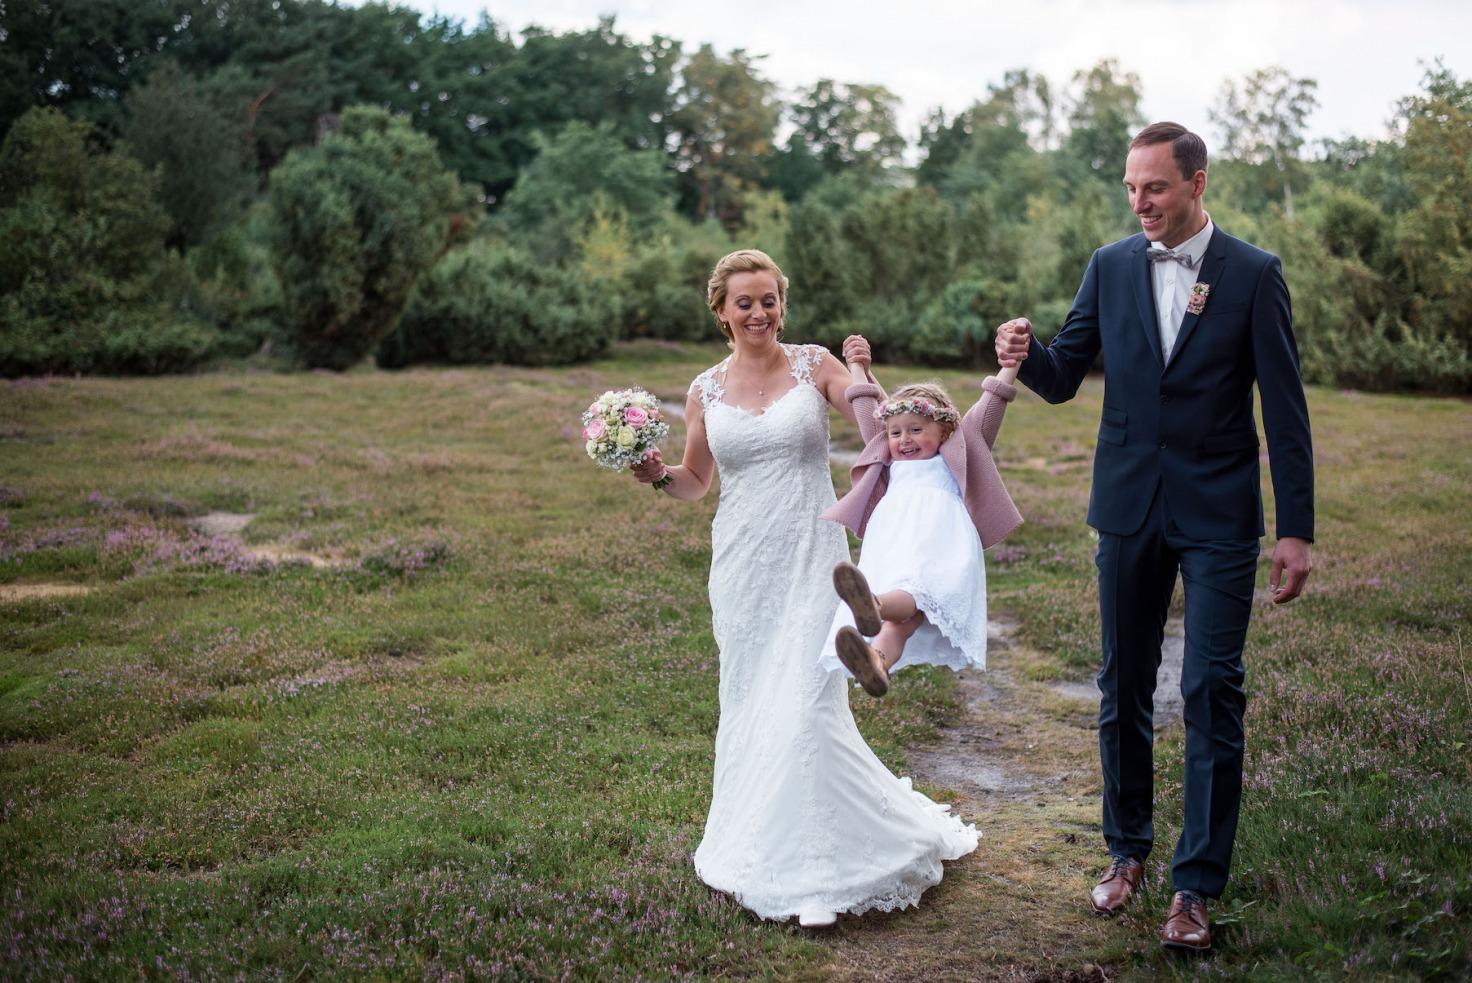 Hochzeit von Sabrina und Michael in Münster: Brautpaar spielt mit dem Kind